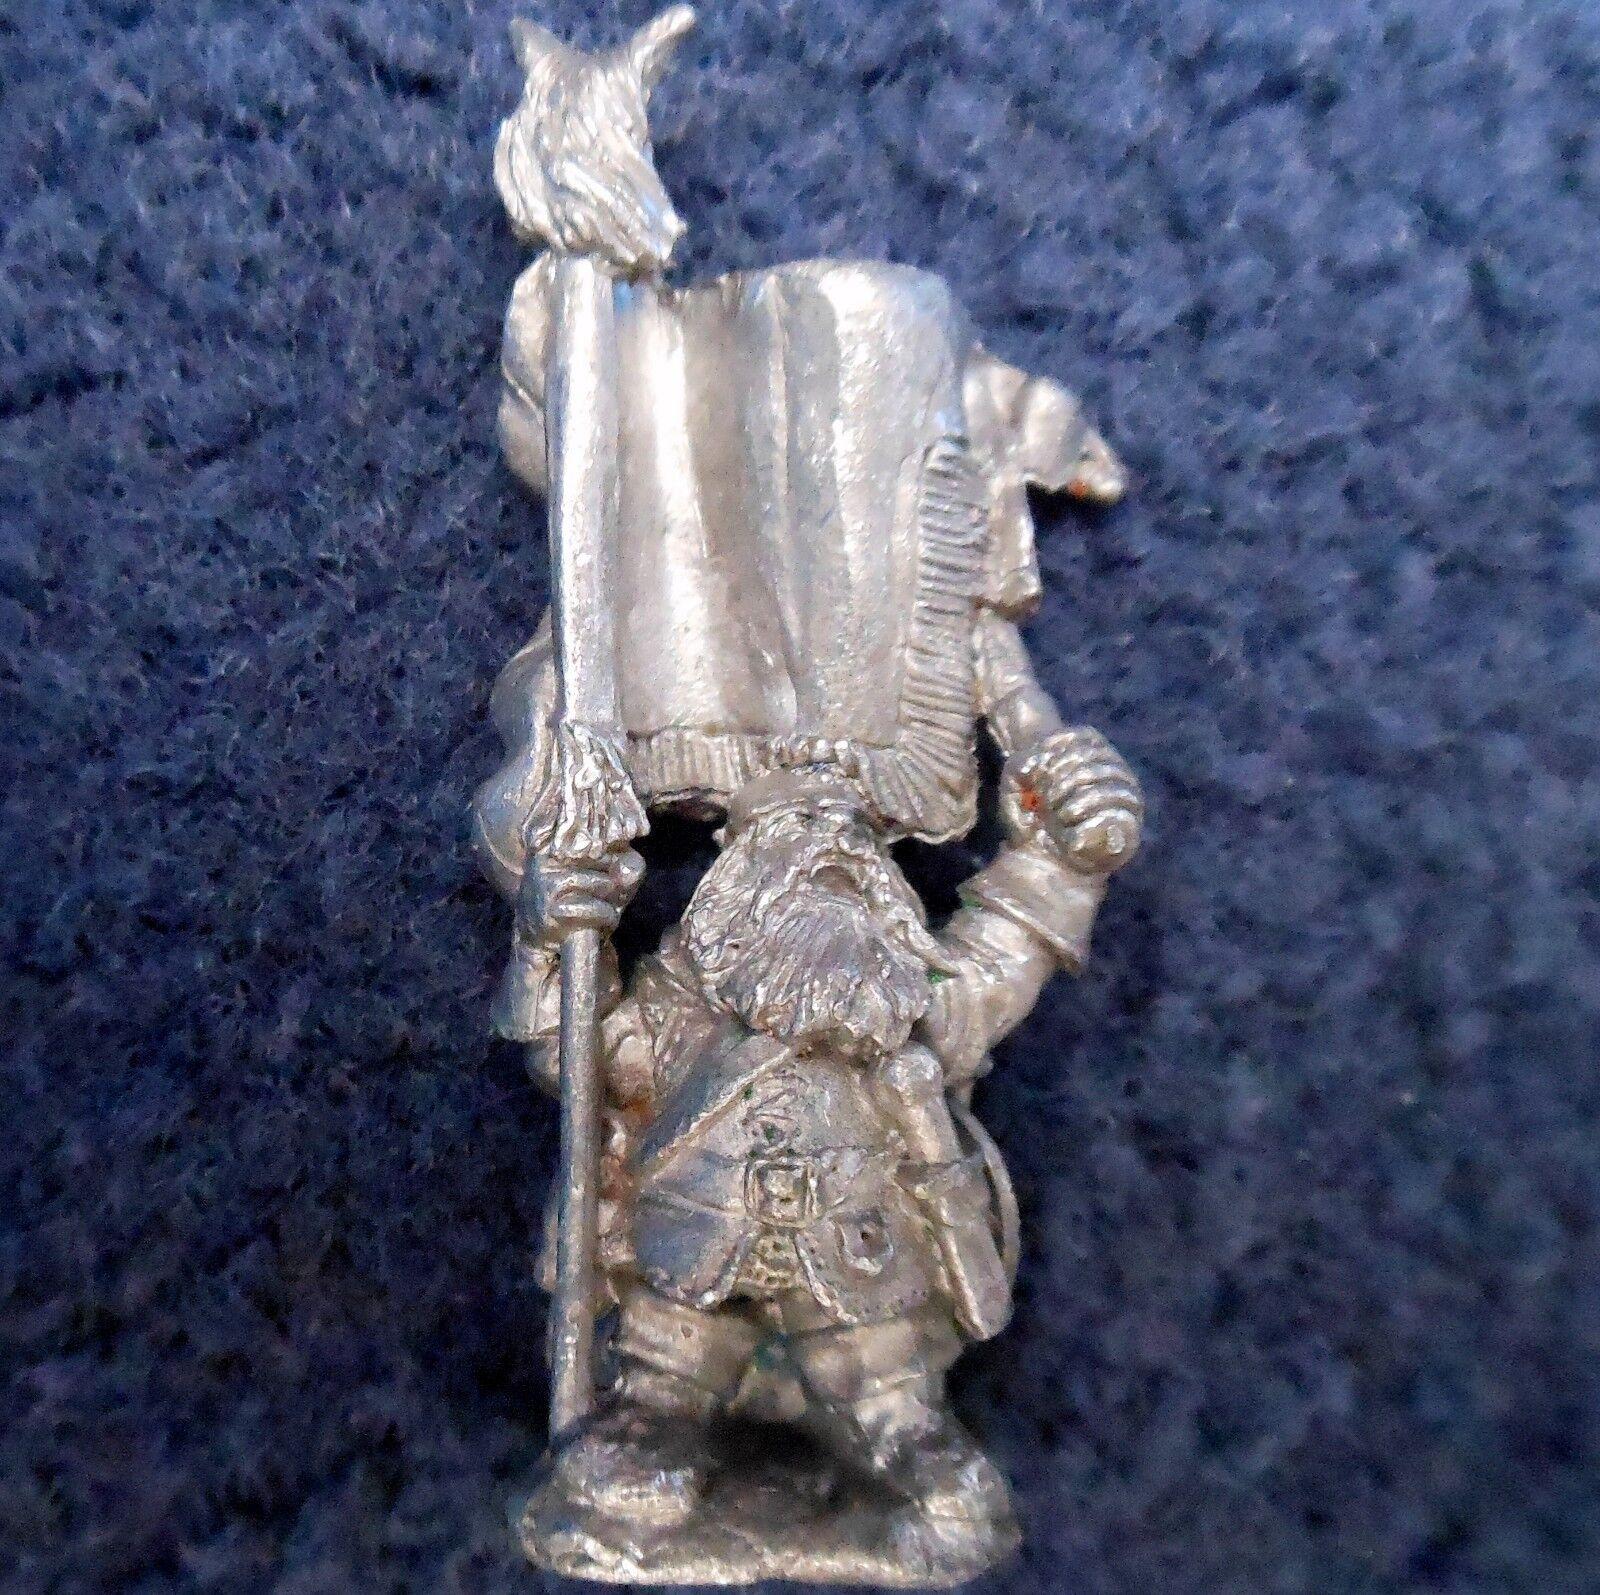 1984 Bugmans Dwarf Rangers No1 Standard Regiments of Renown RR1 Bugman's Brewer